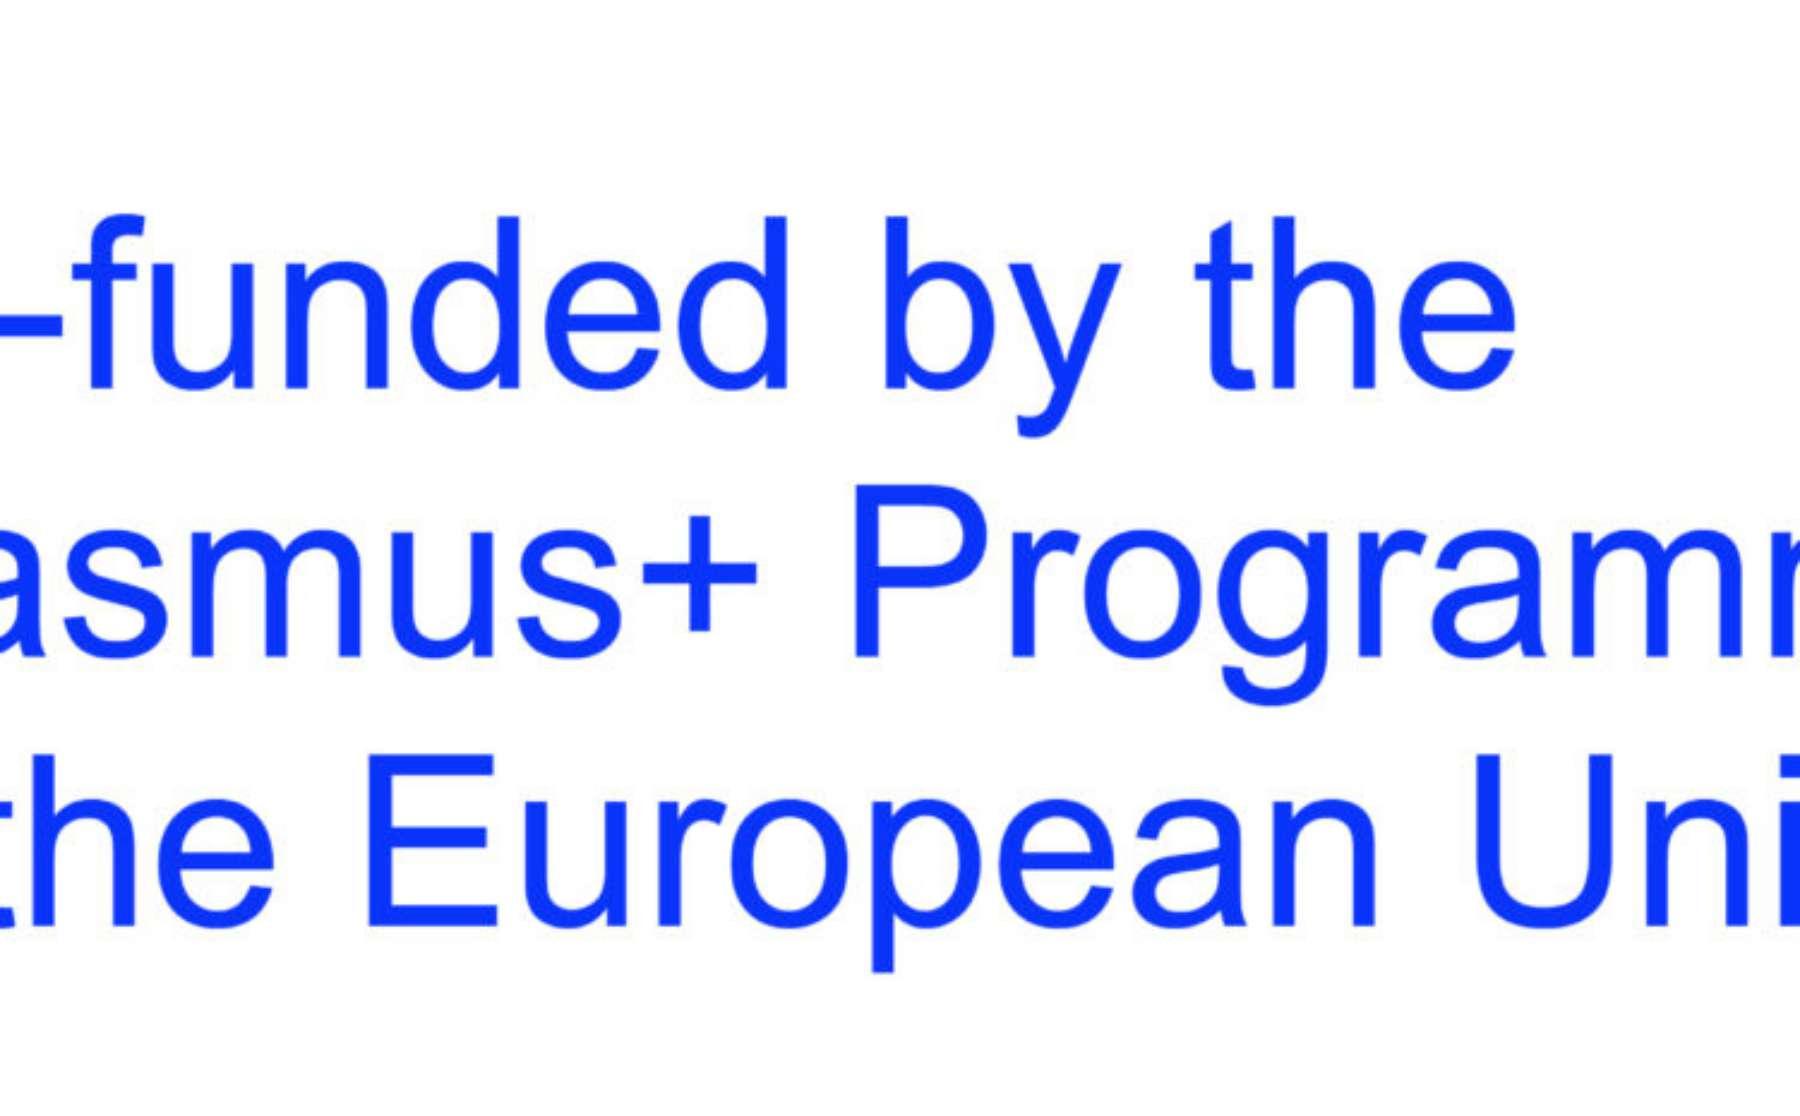 Concurs de logotips Erasmus+